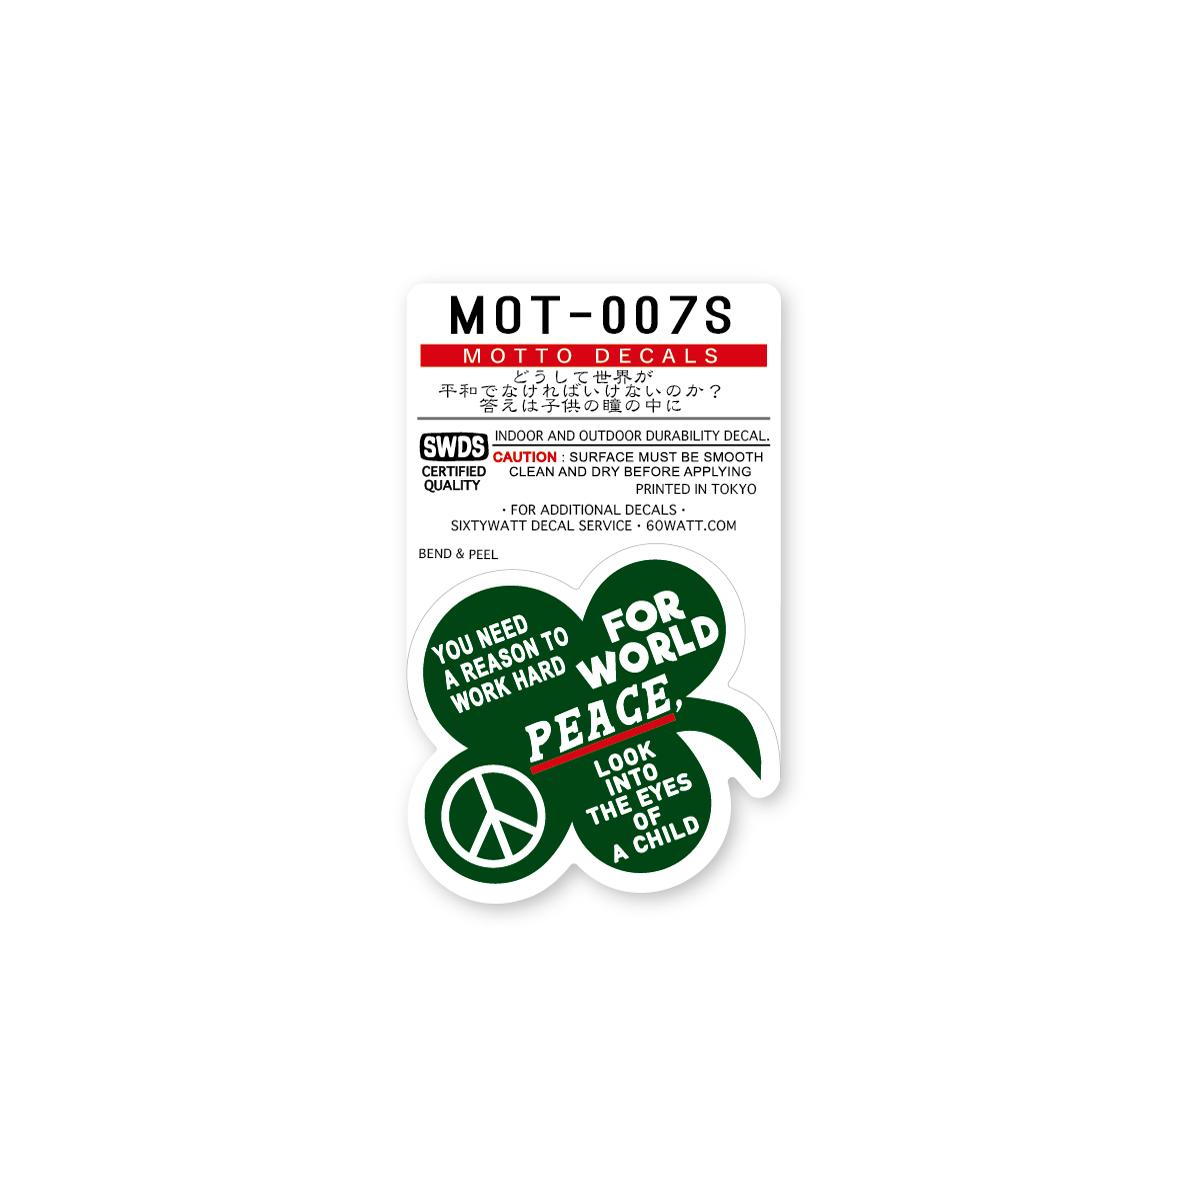 MOT-007S